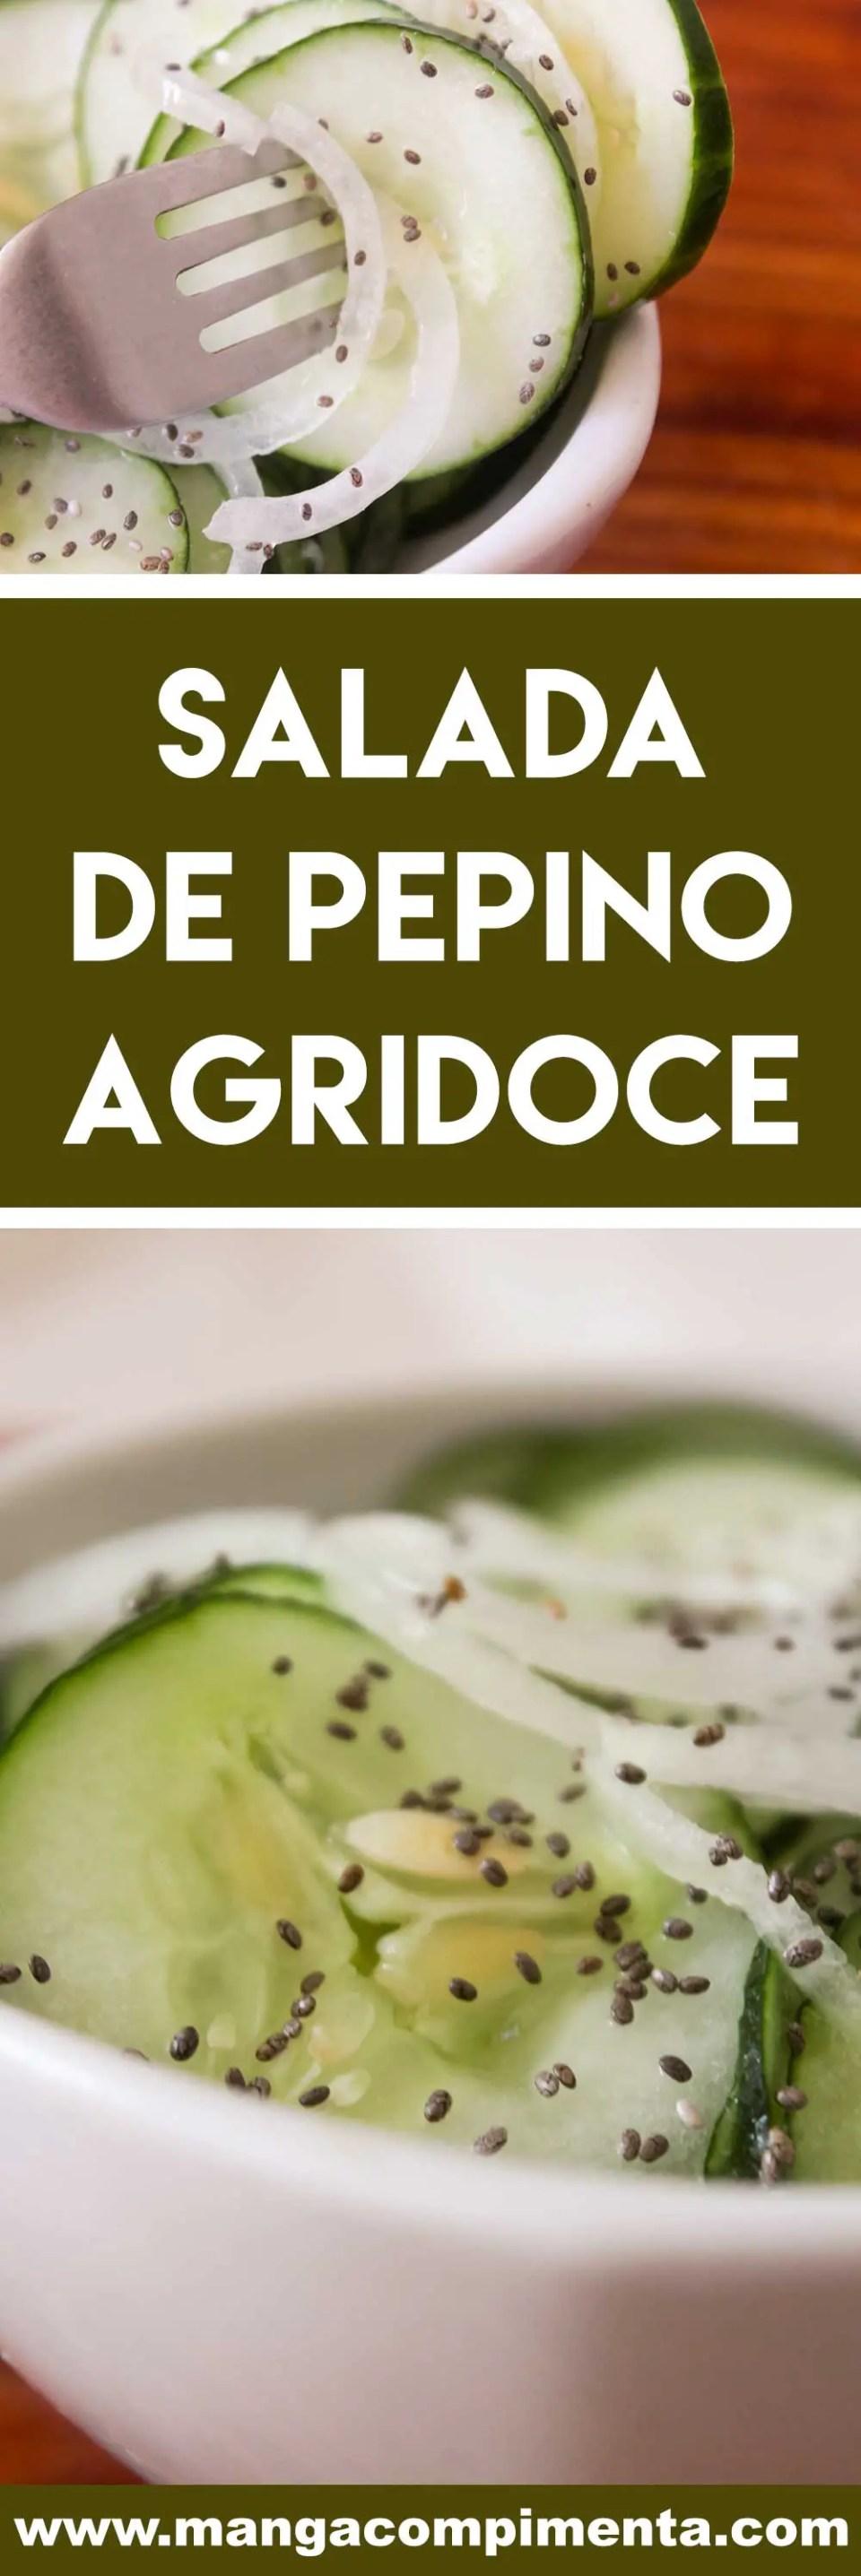 Receita de Salada de Pepino Agridoce - para deixar o almoço da família mais gostoso.